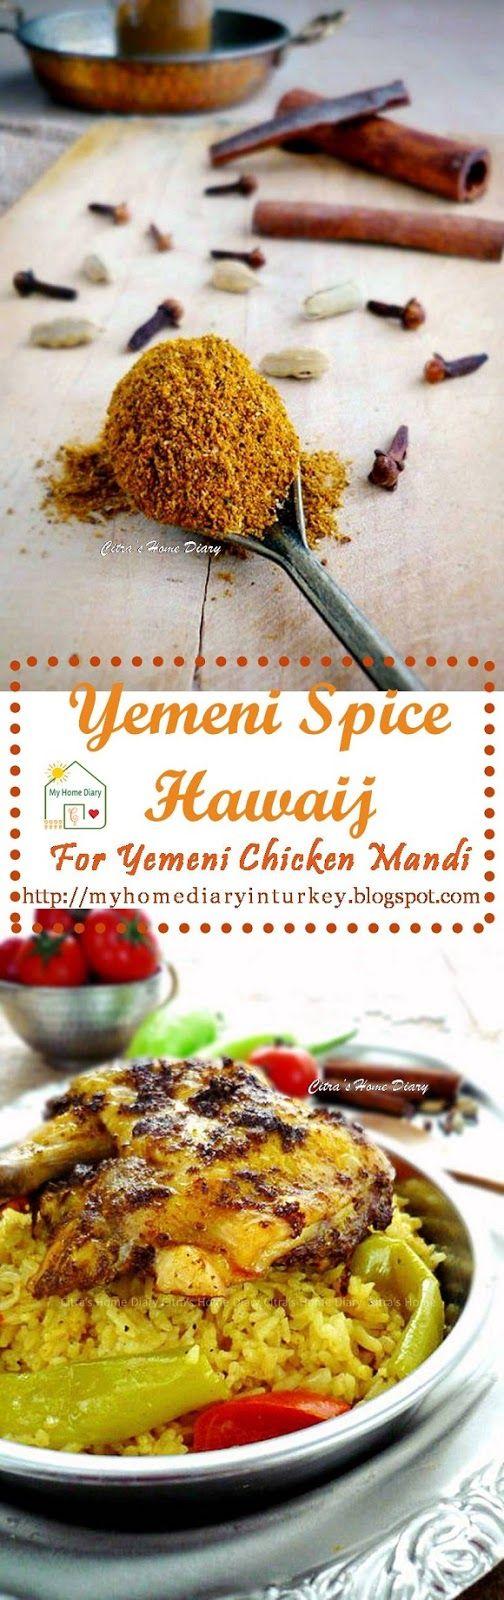 Yemeni Spice Hawaij and Chicken mandi recipe